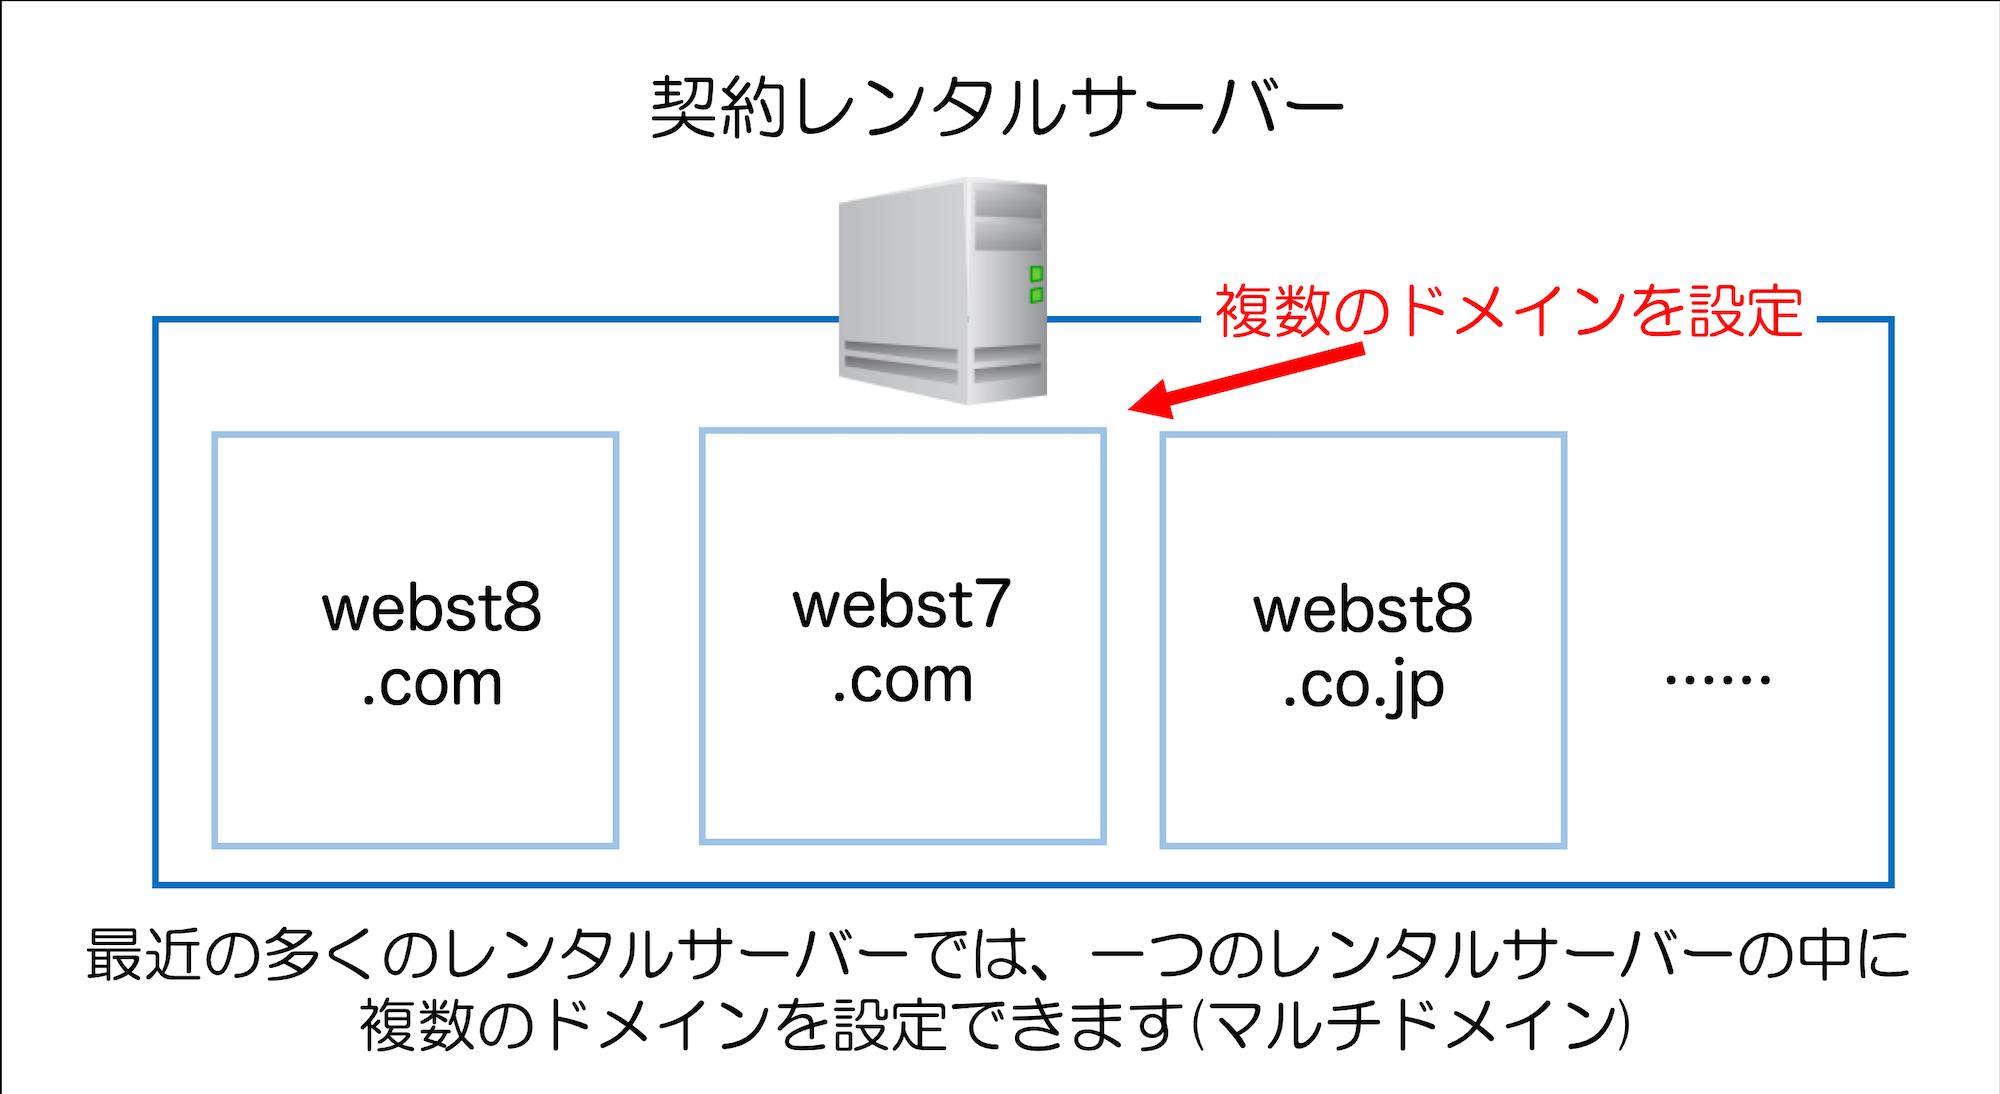 一つのレンタルサーバーの中に 複数のドメインを設定できます(マルチドメイン)